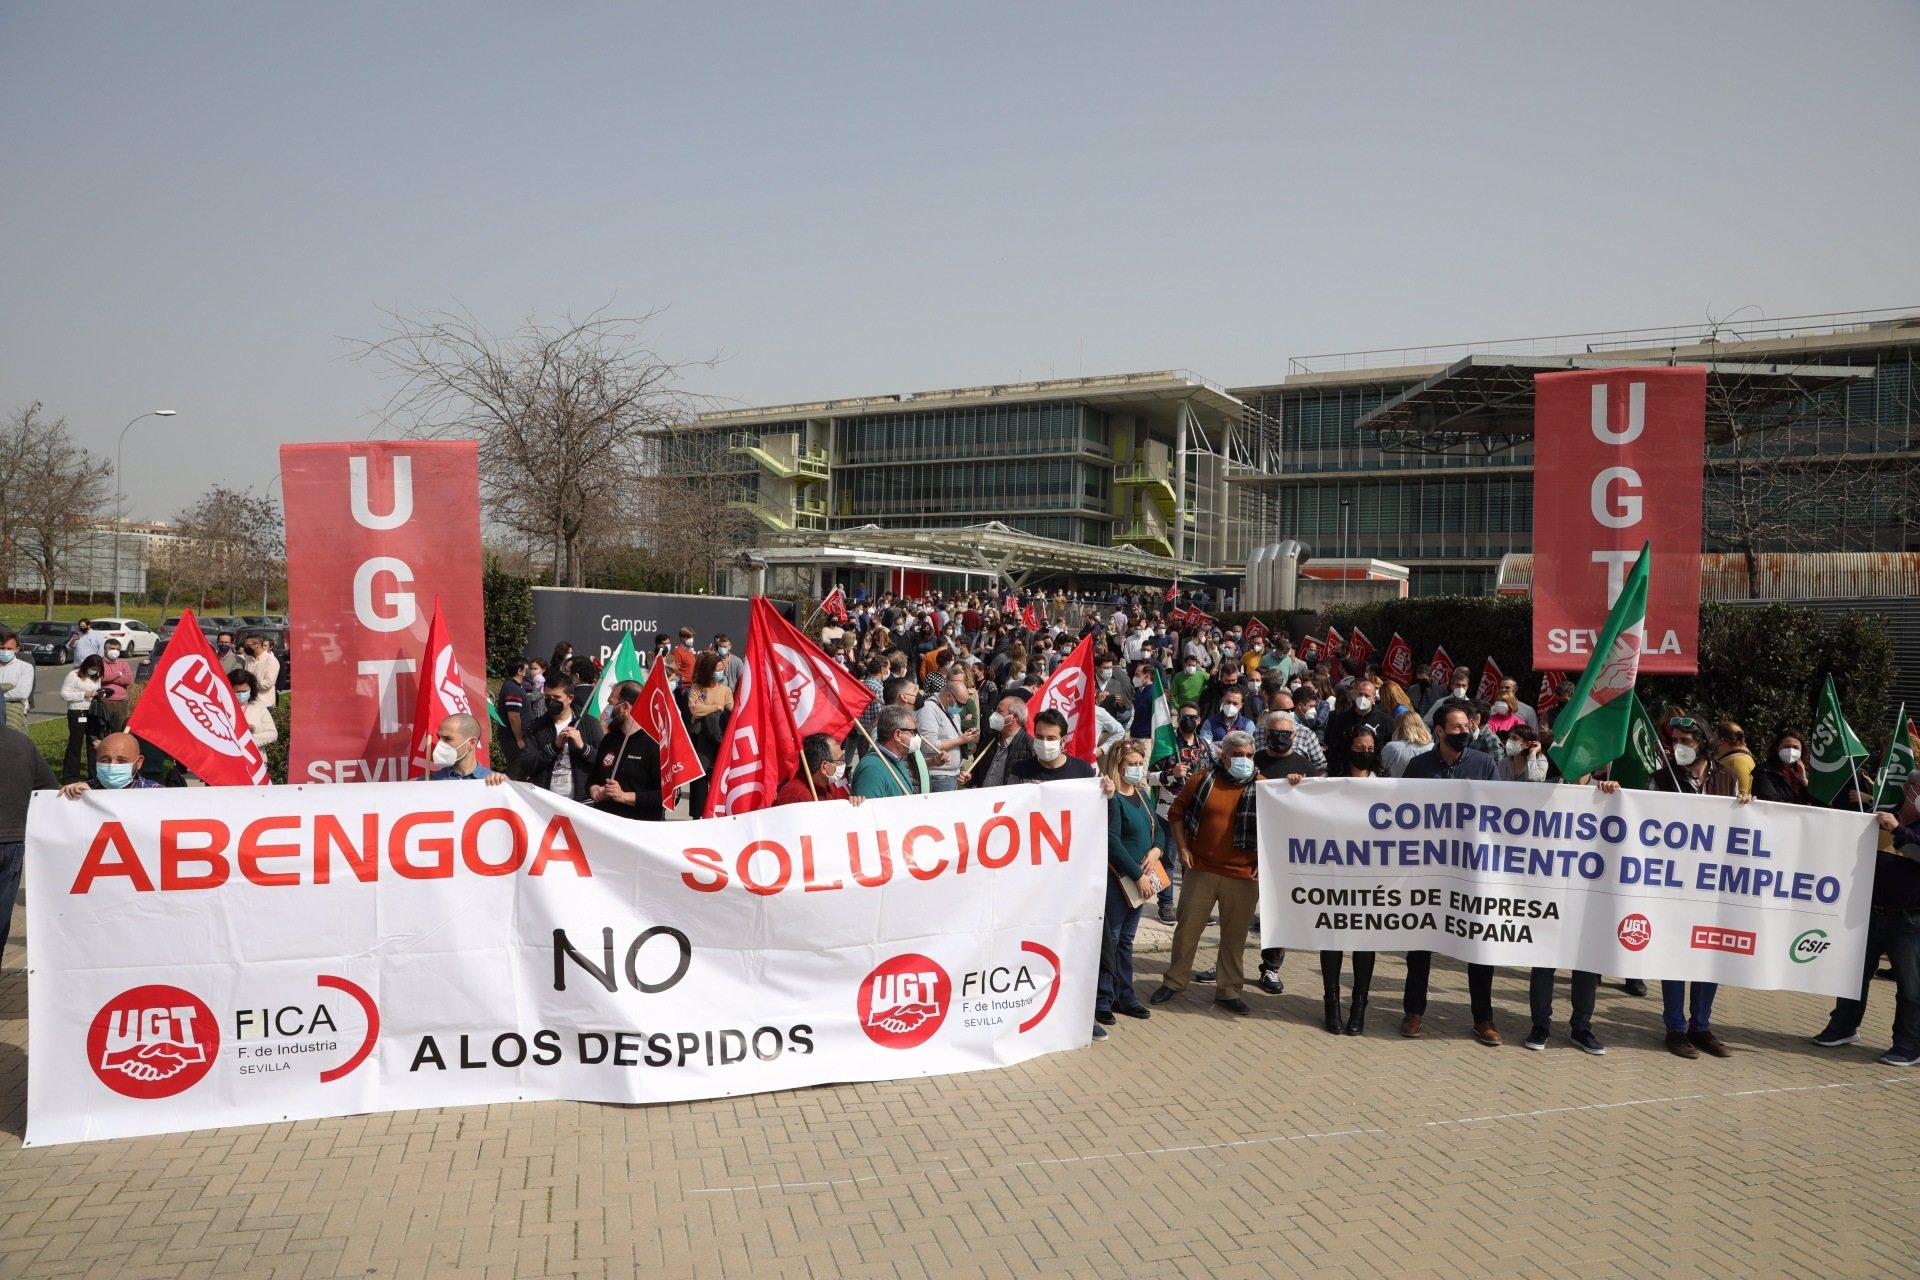 Trabajadores de Abengoa se manifiestan este jueves en Sevilla para pedir una solución y mantener el empleo